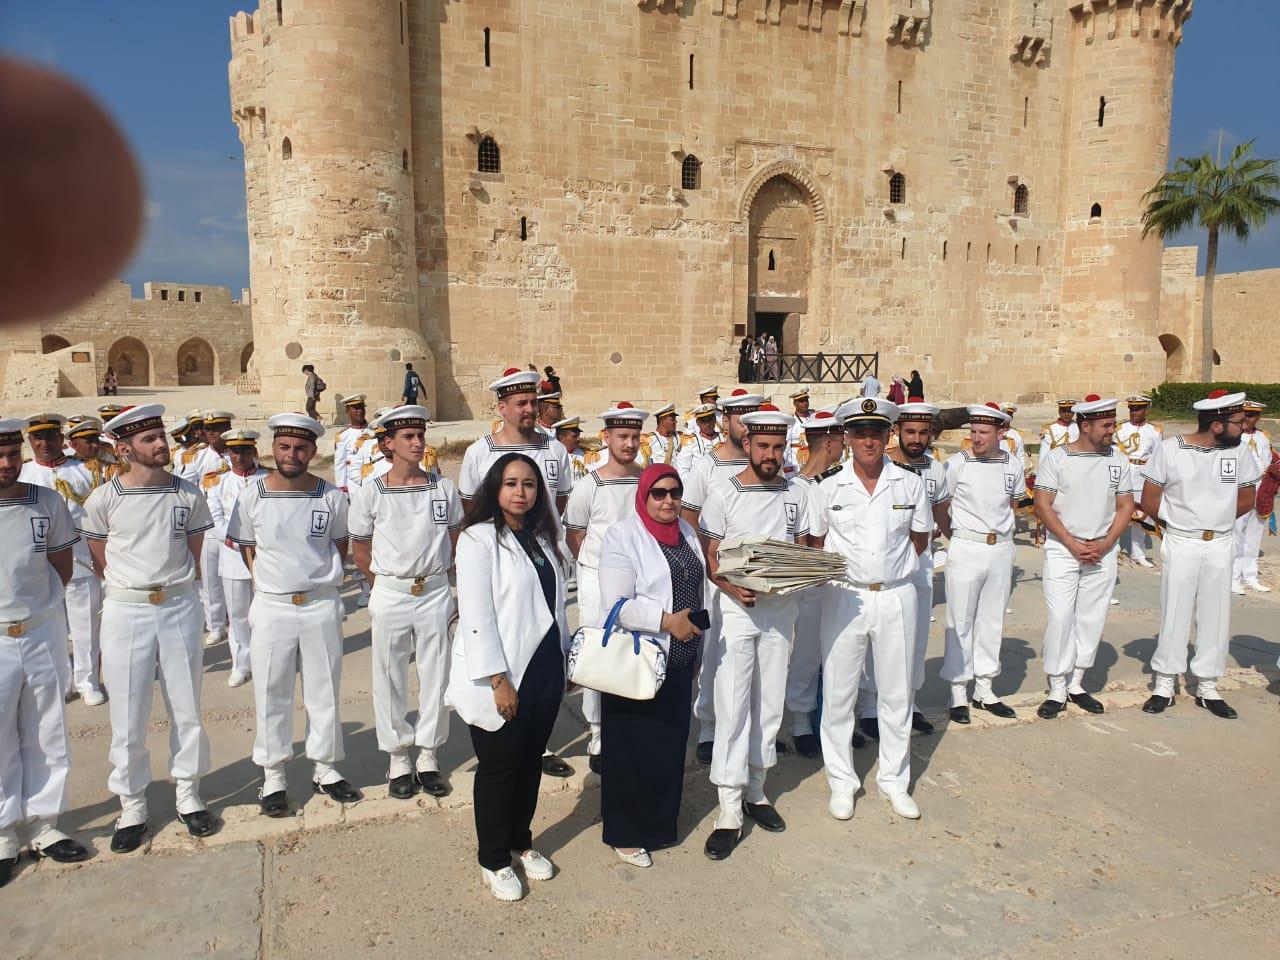 فرقة الموسيقى التراثية للبحرية الفرنسية بقلعة قايتباى (4)